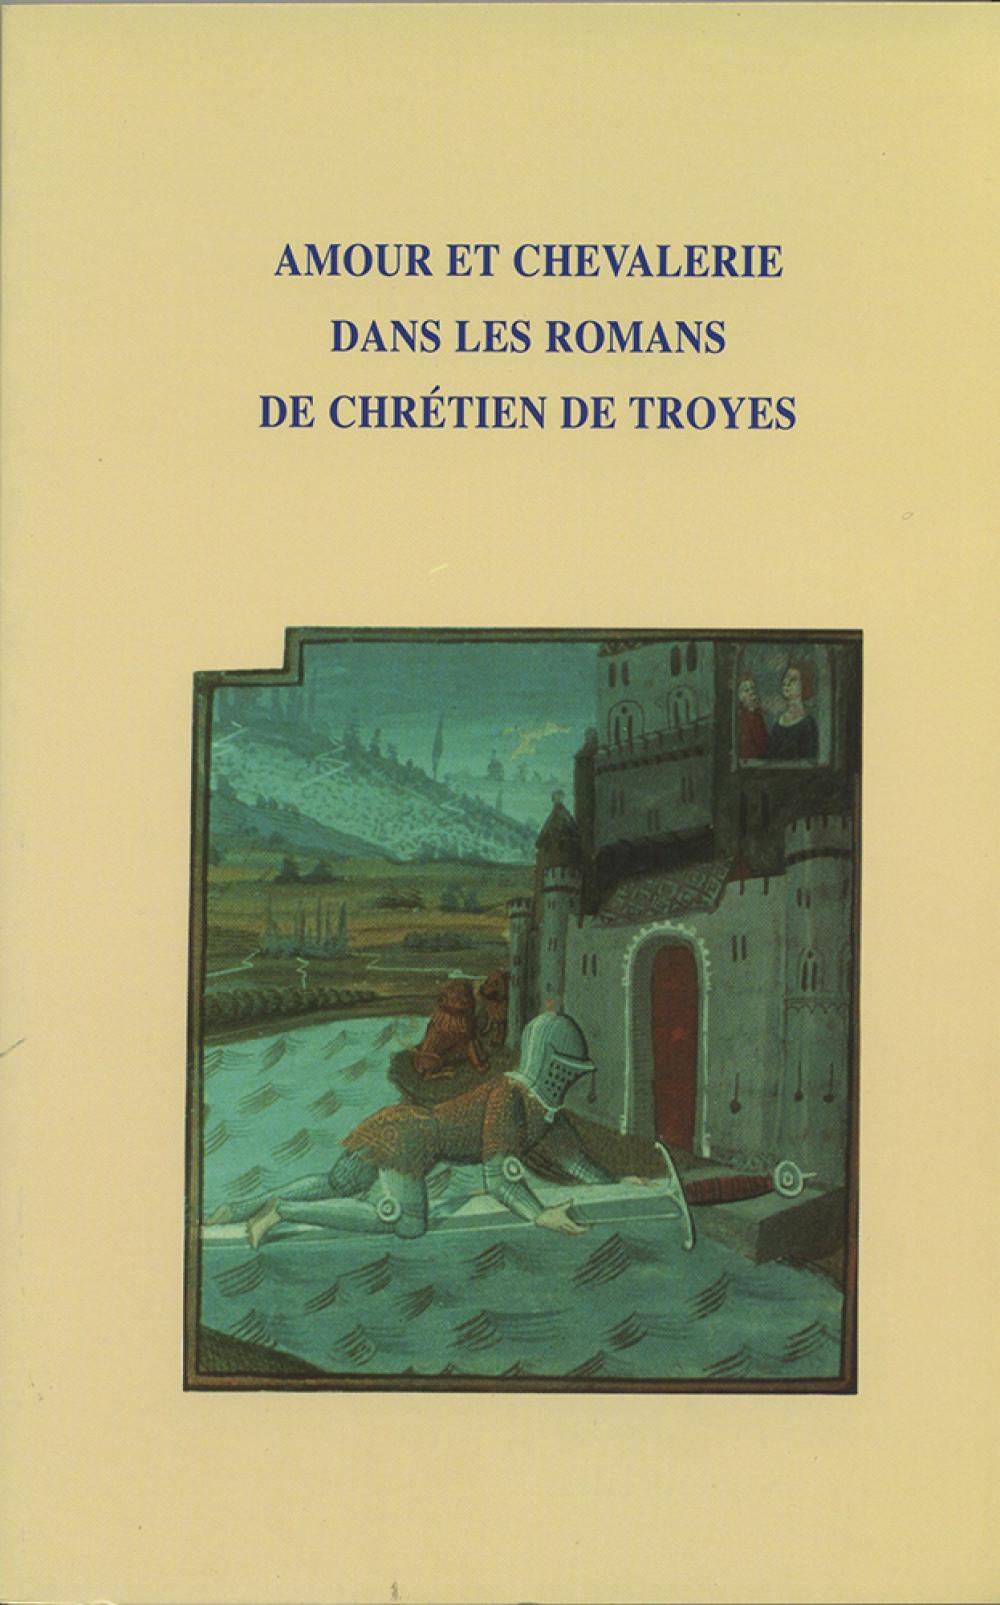 Amour et chevalerie dans les romans de Chrétien de Troyes